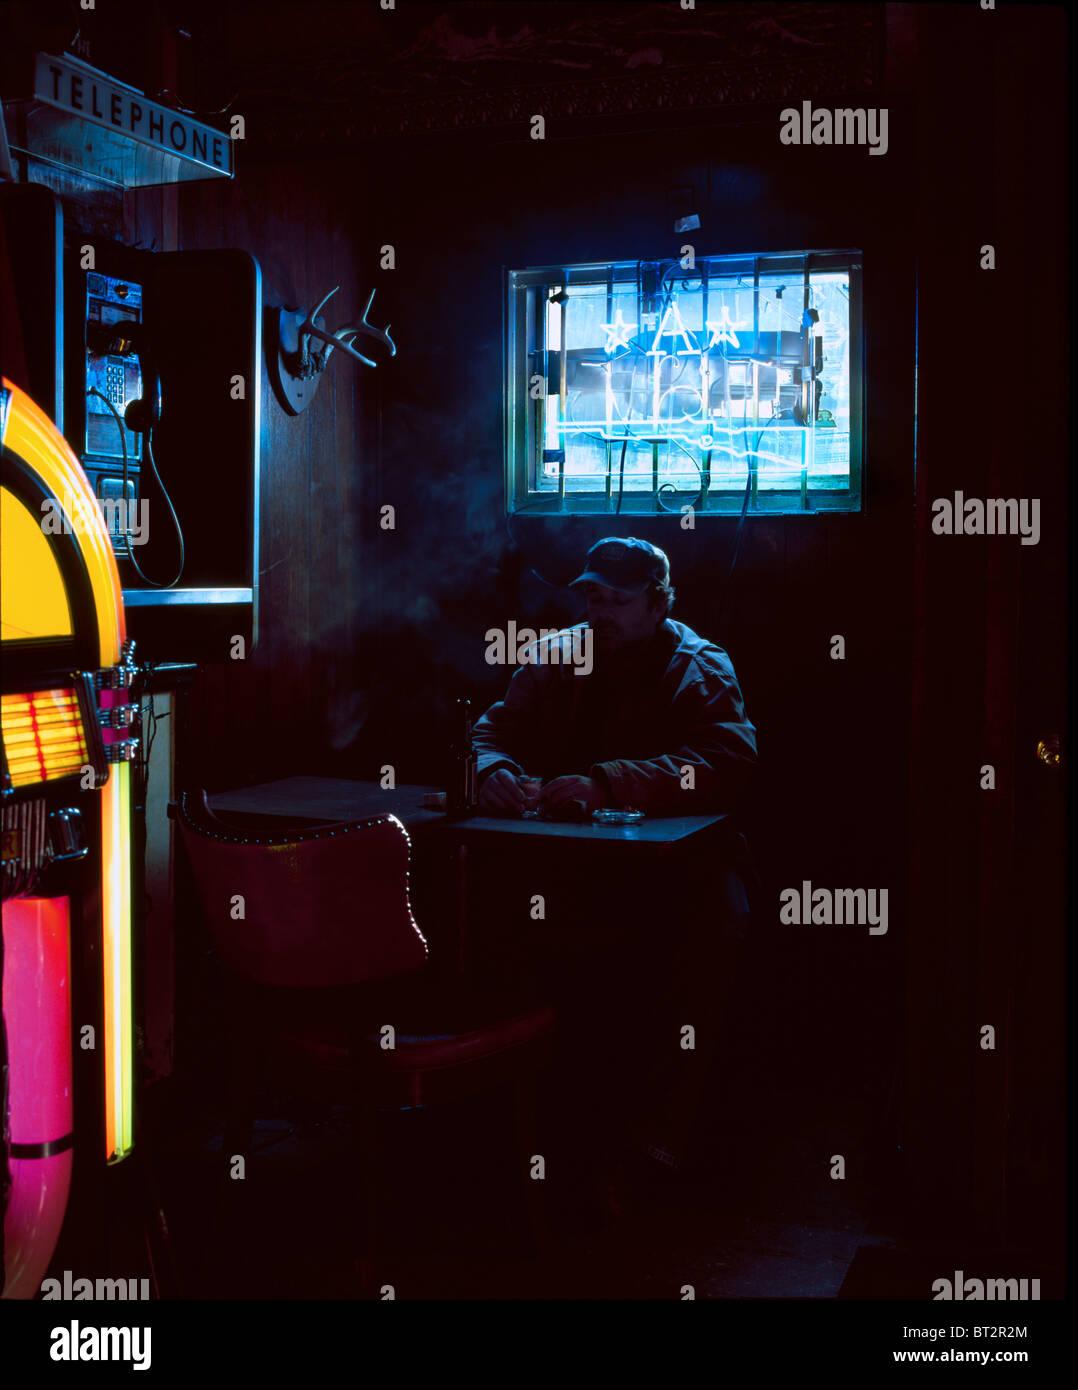 L'homme, l'intérieur du bar, allumé la lumière du jour et des néons, Photo Stock